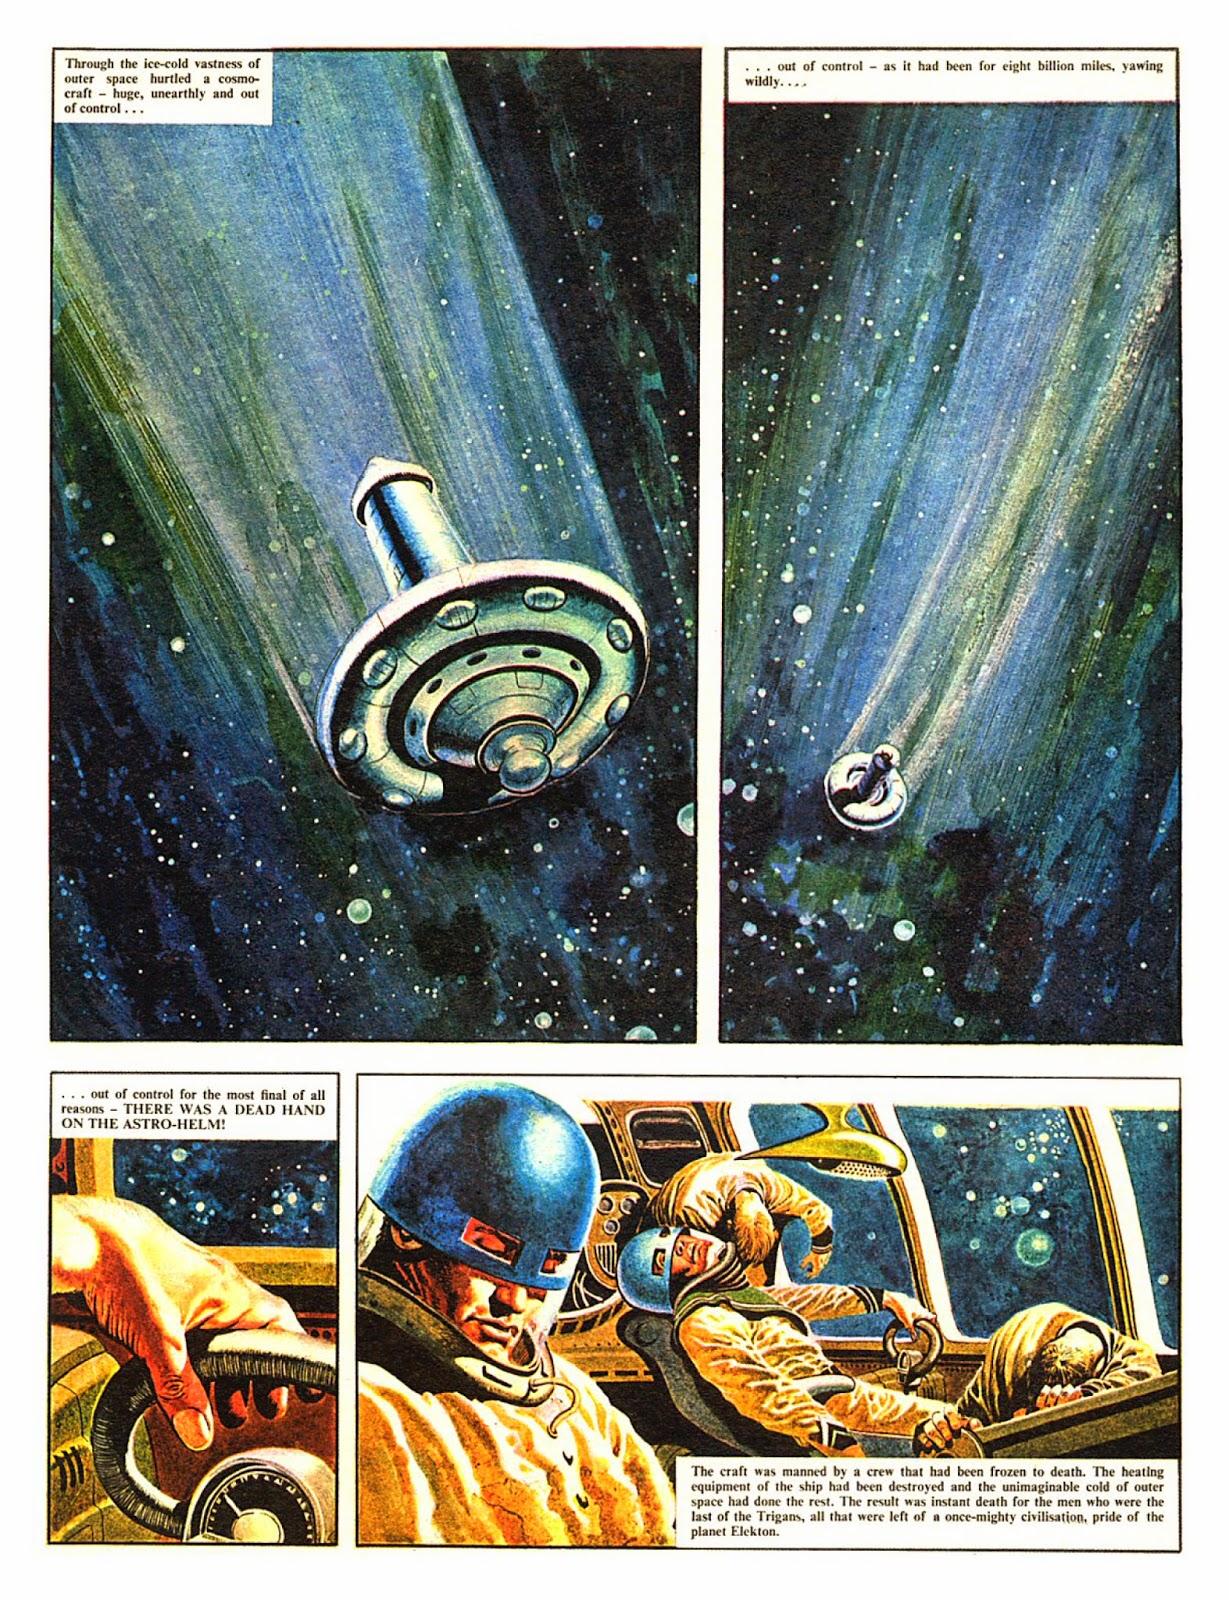 Première page de « The Rise and Fall of the Trigan Empire » dans Ranger, en septembre 1965.